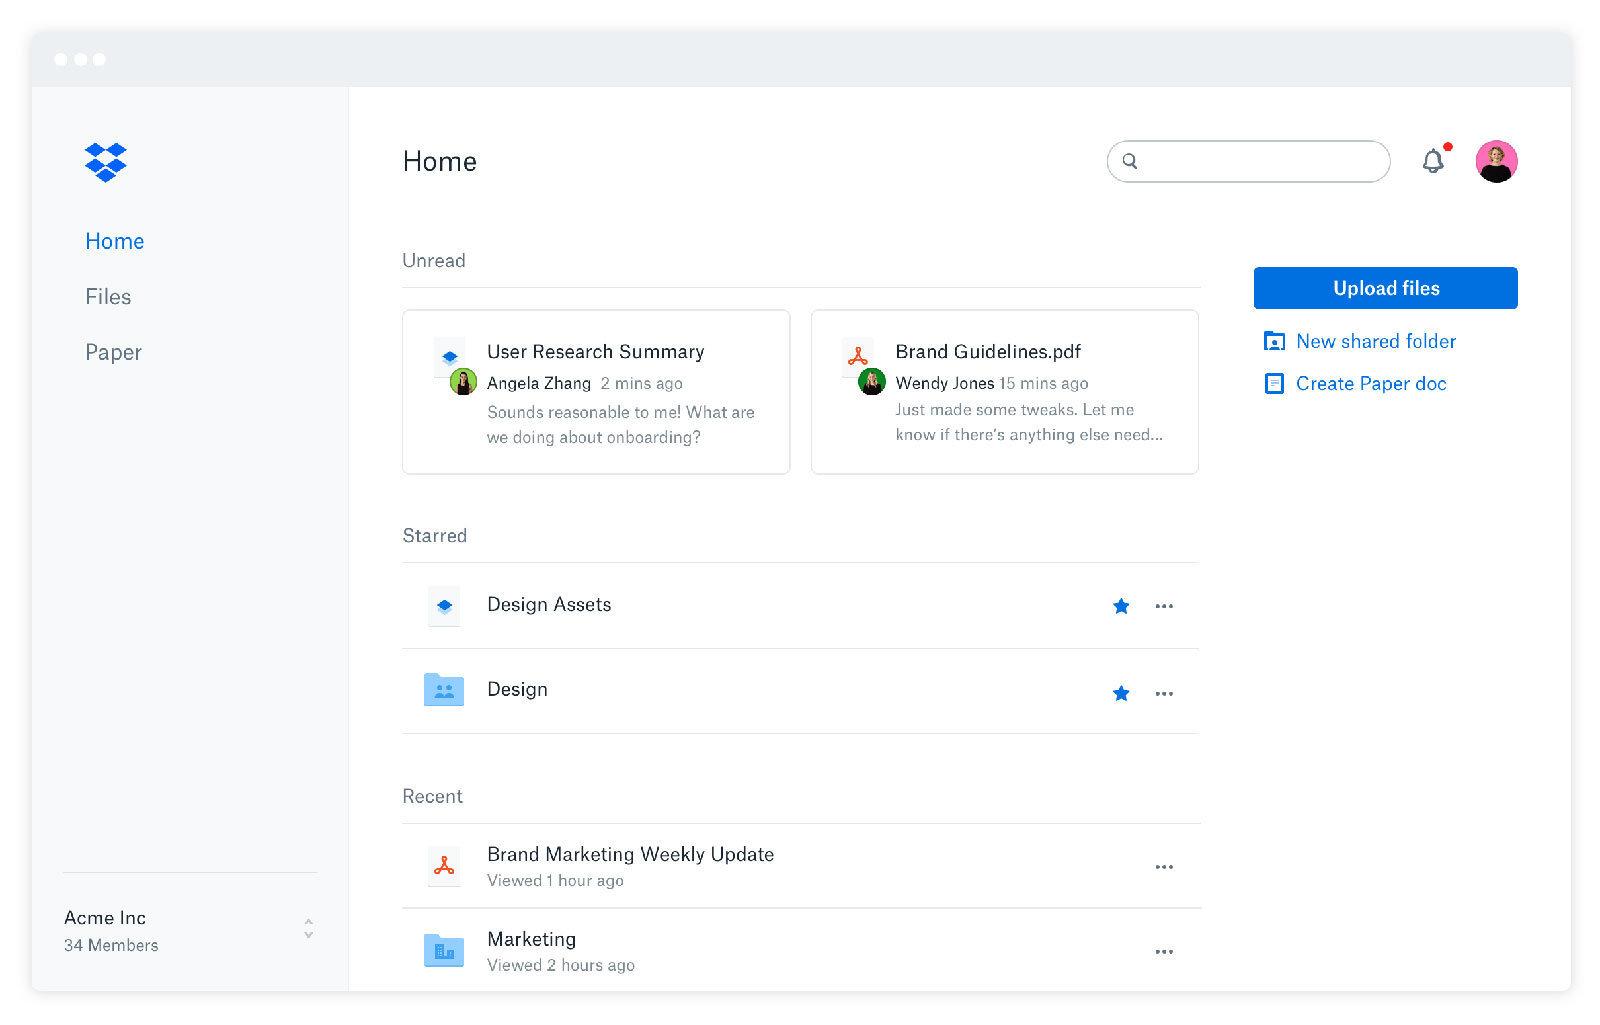 Dropbox aggiunge estensioni per Gmail, WhatsApp, Vimeo e altre